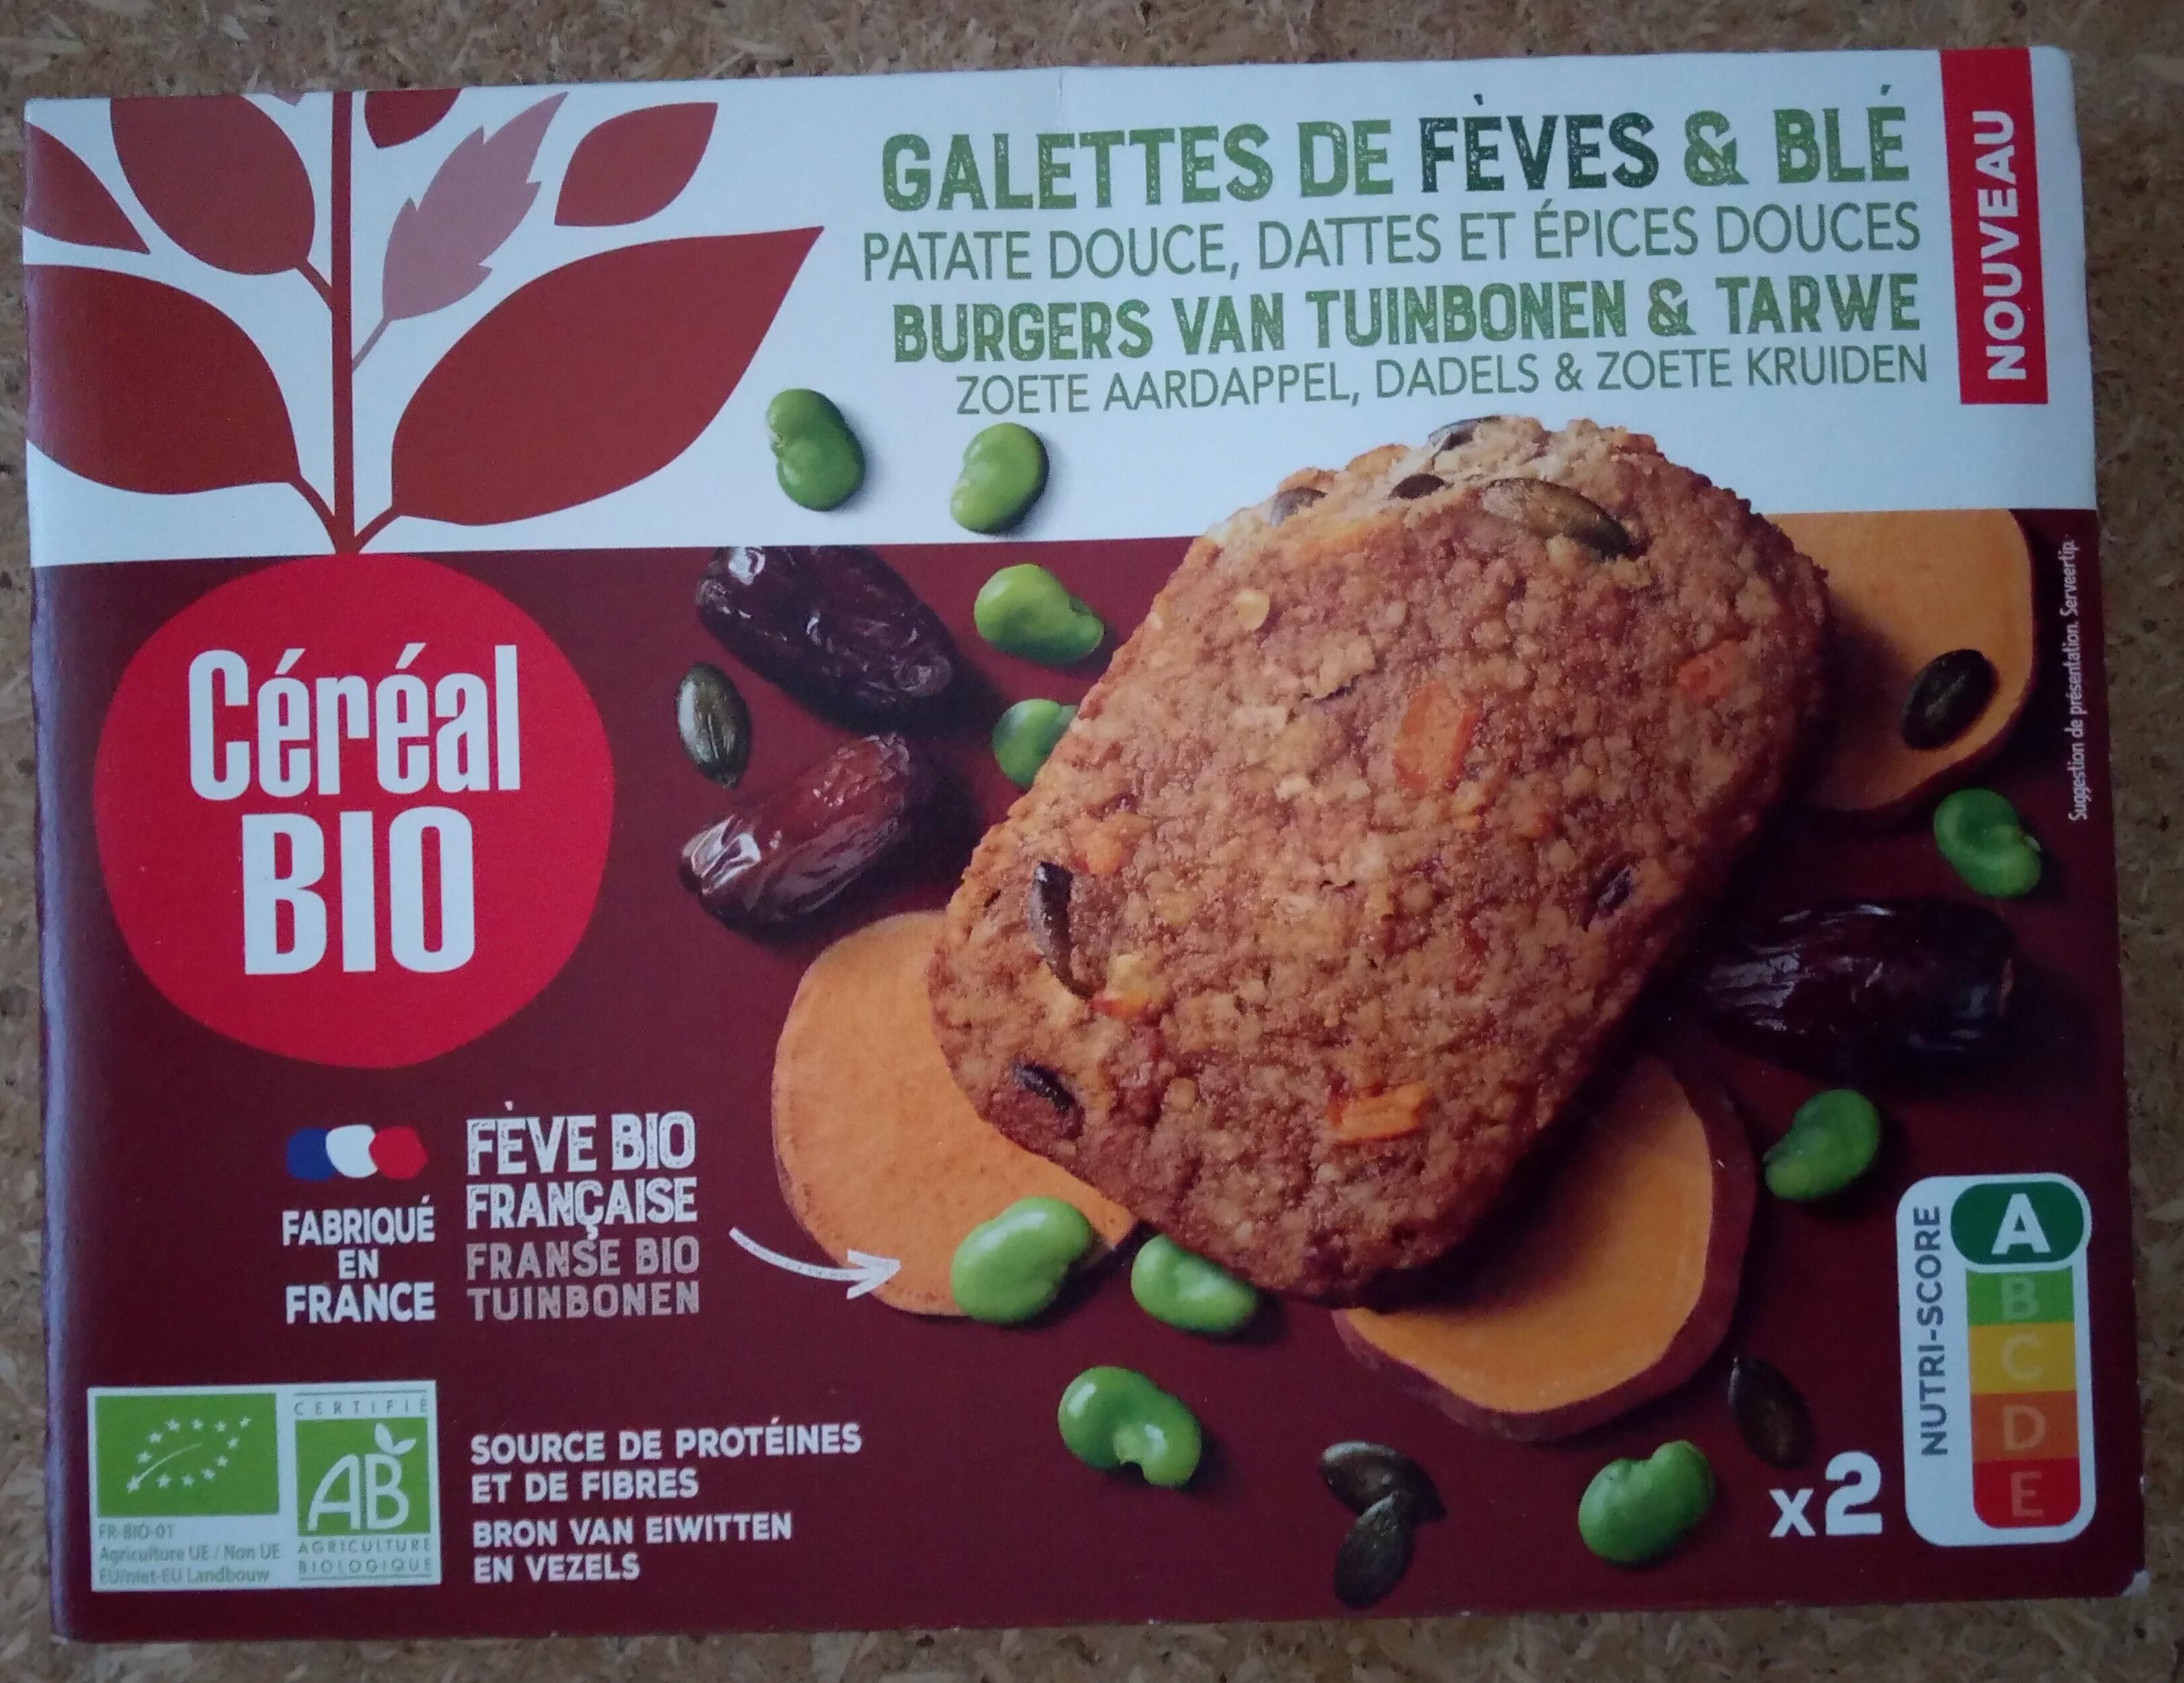 Galettes de fèves & blé patate douce, dattes et épices douces - Prodotto - fr